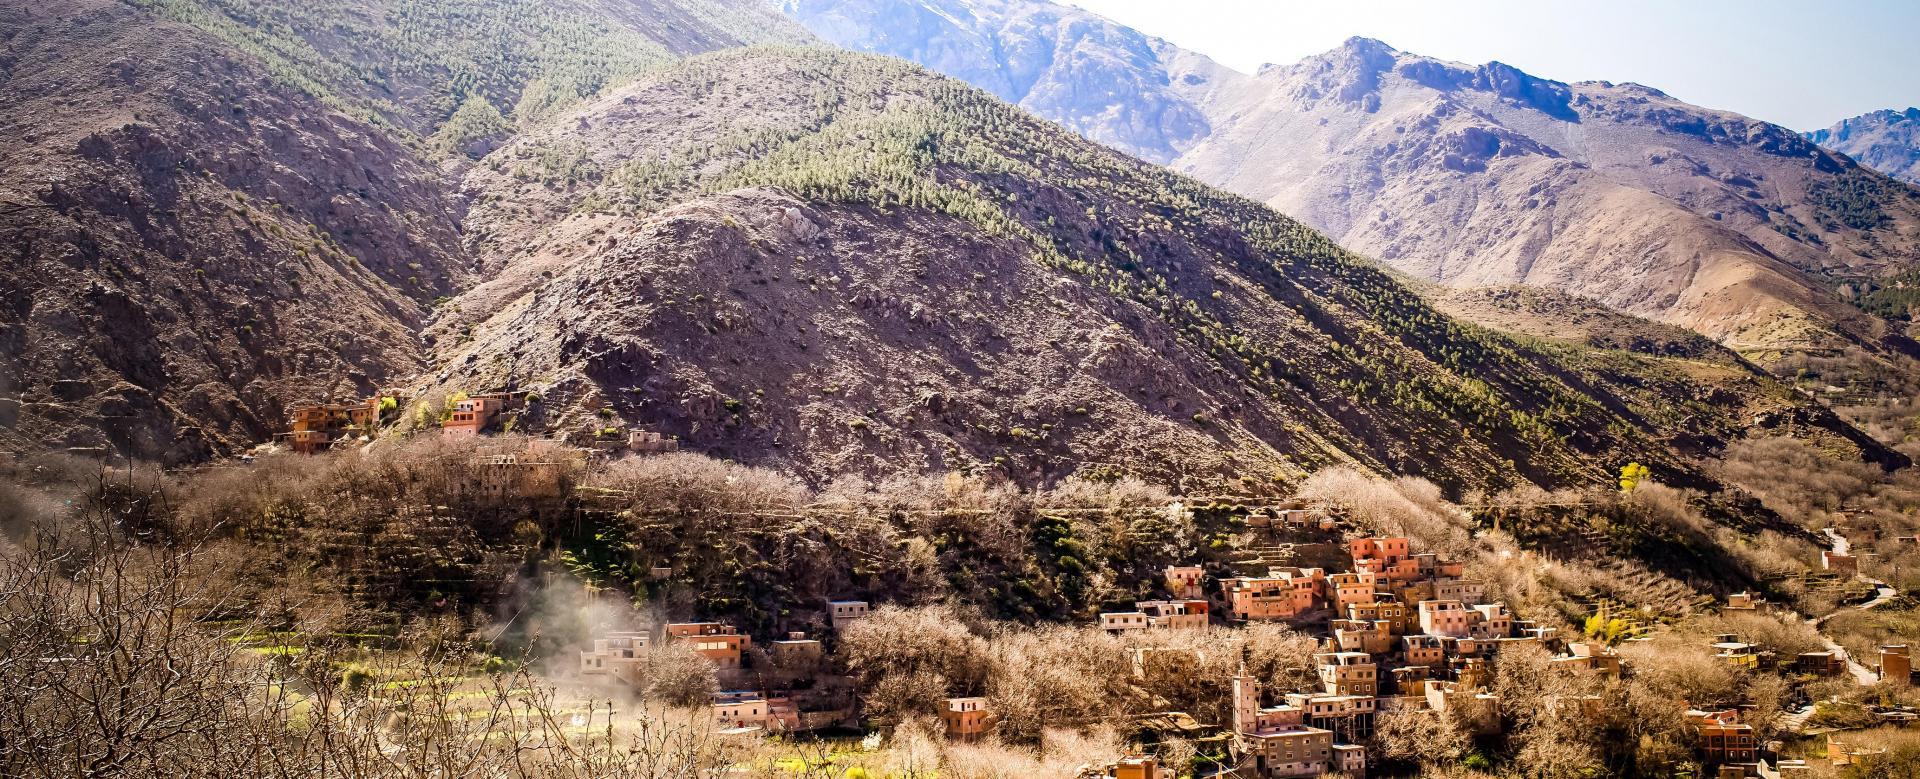 Voyage à pied : Villages berbères et ville rouge